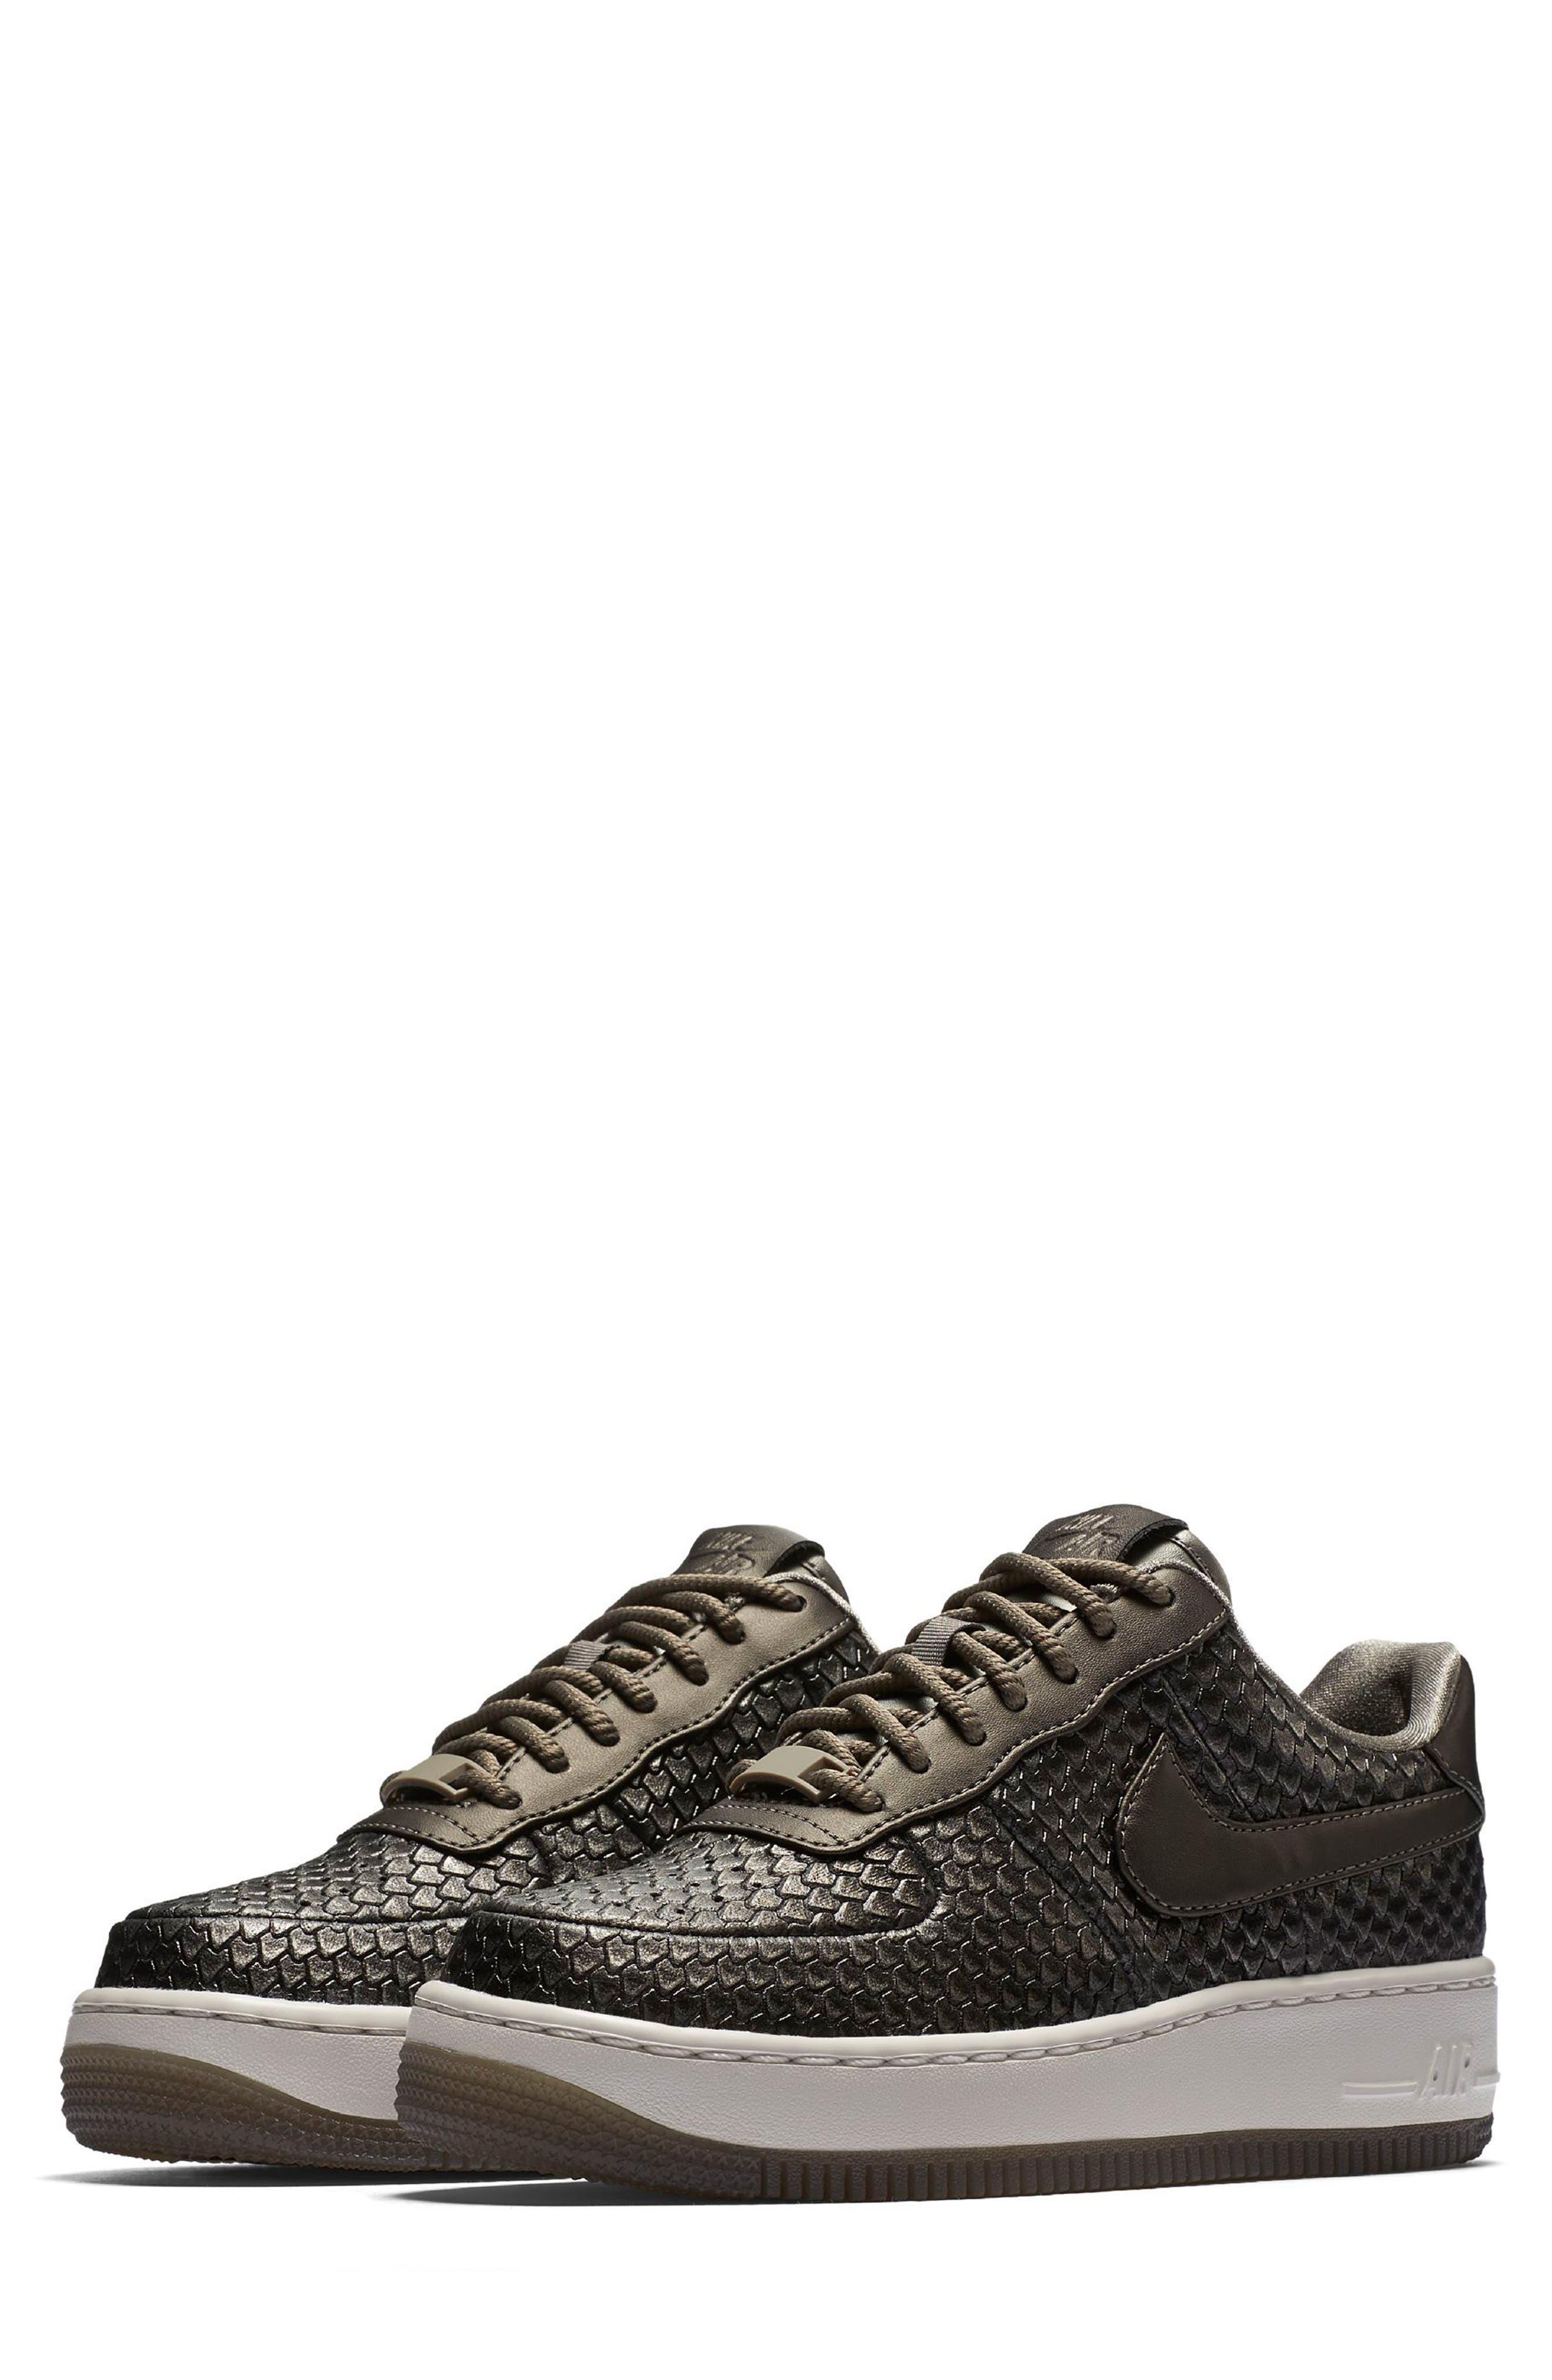 Air Force 1 Upstep Premium Platform Sneaker,                             Main thumbnail 1, color,                             022